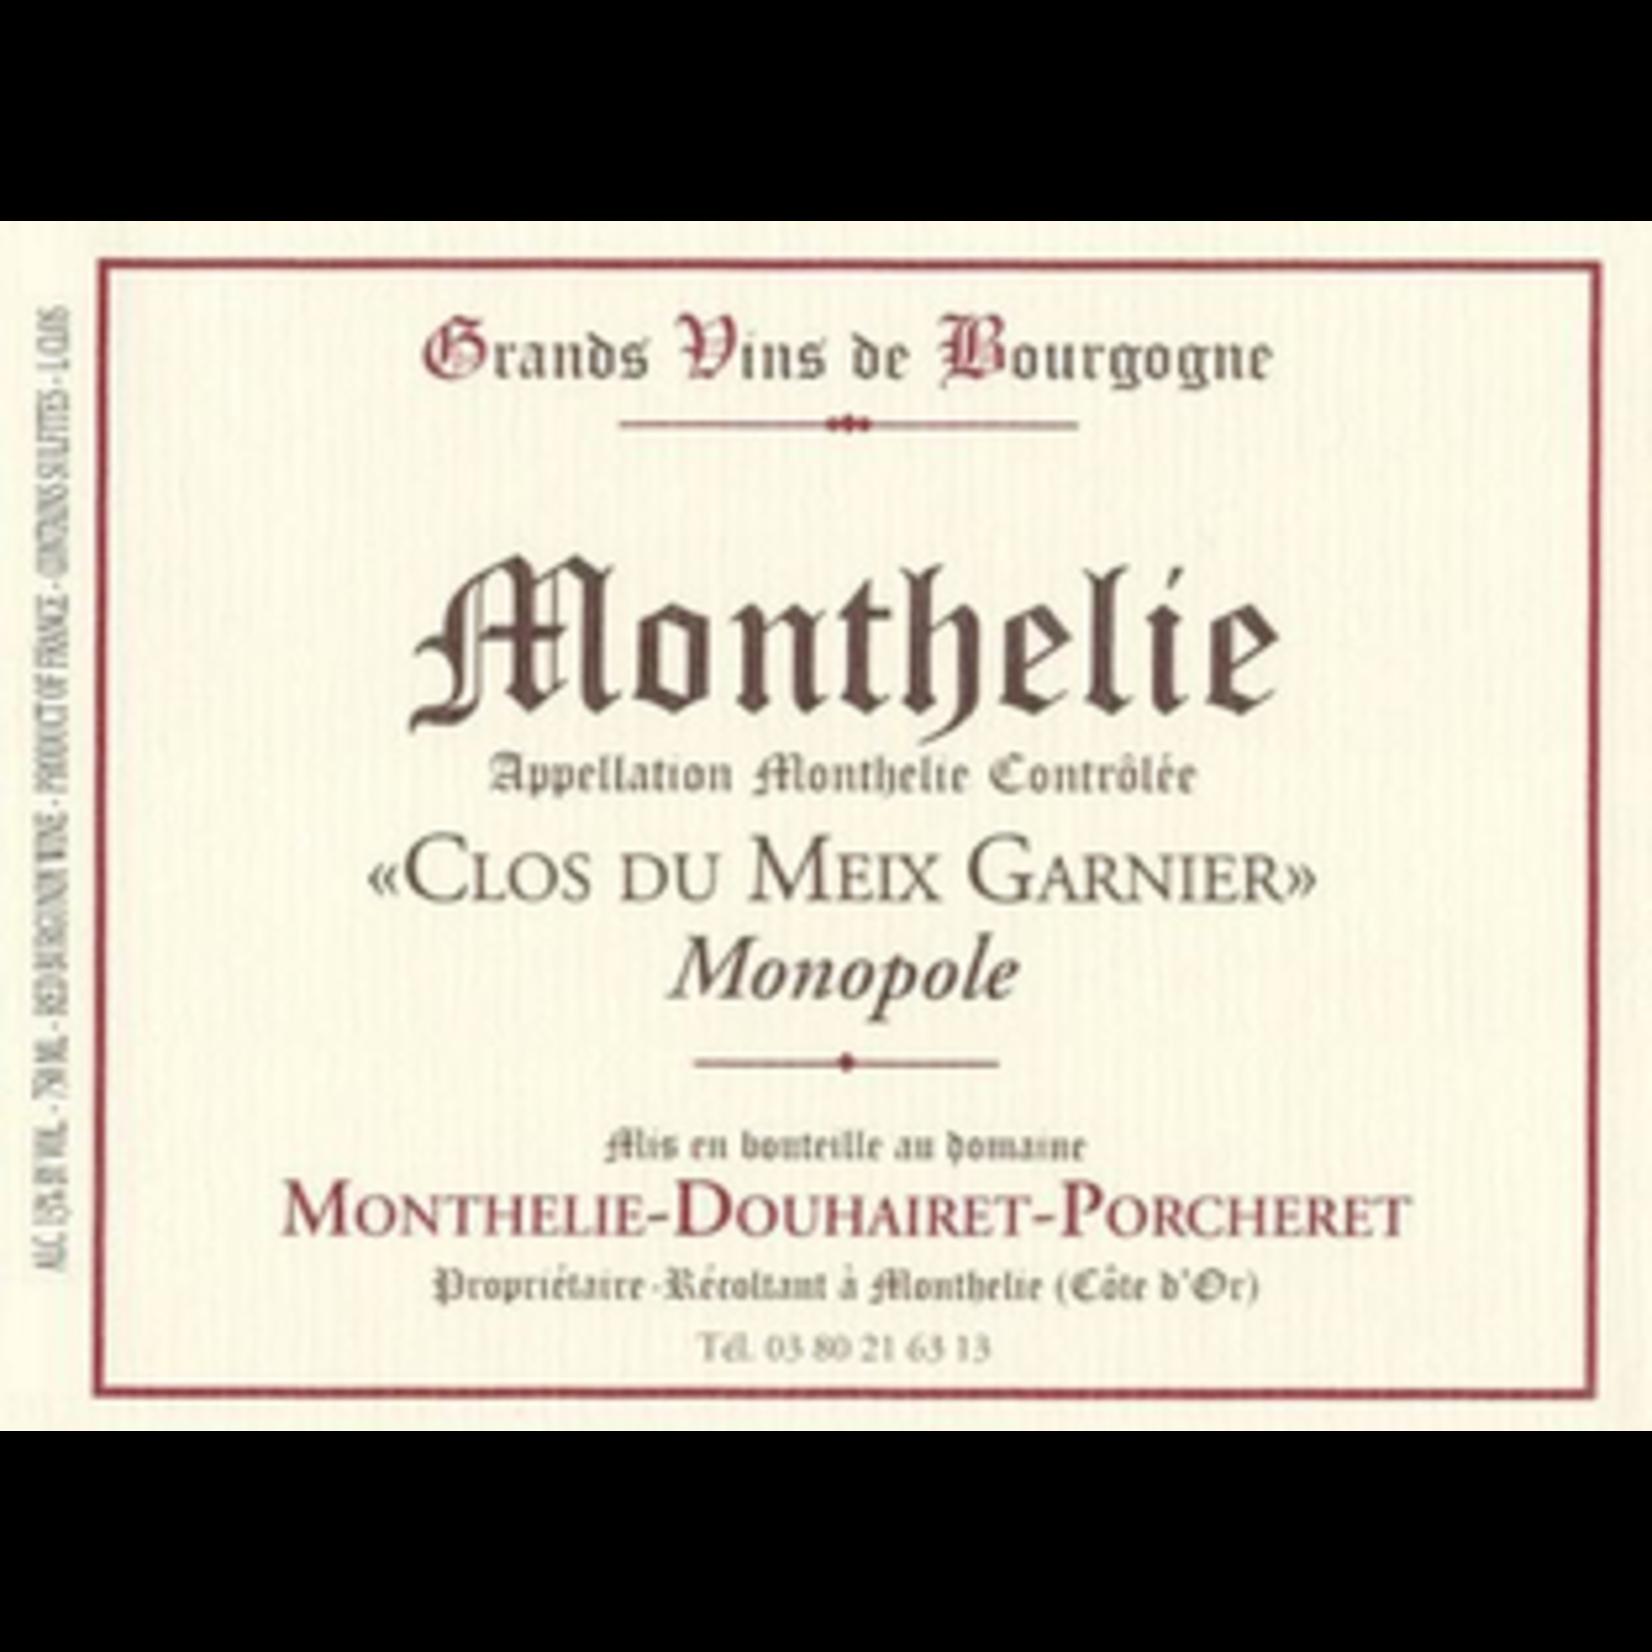 Wine Monthelie Douhairet Porcheret Monthelie Clos du Meix Garnier Monopole 2018